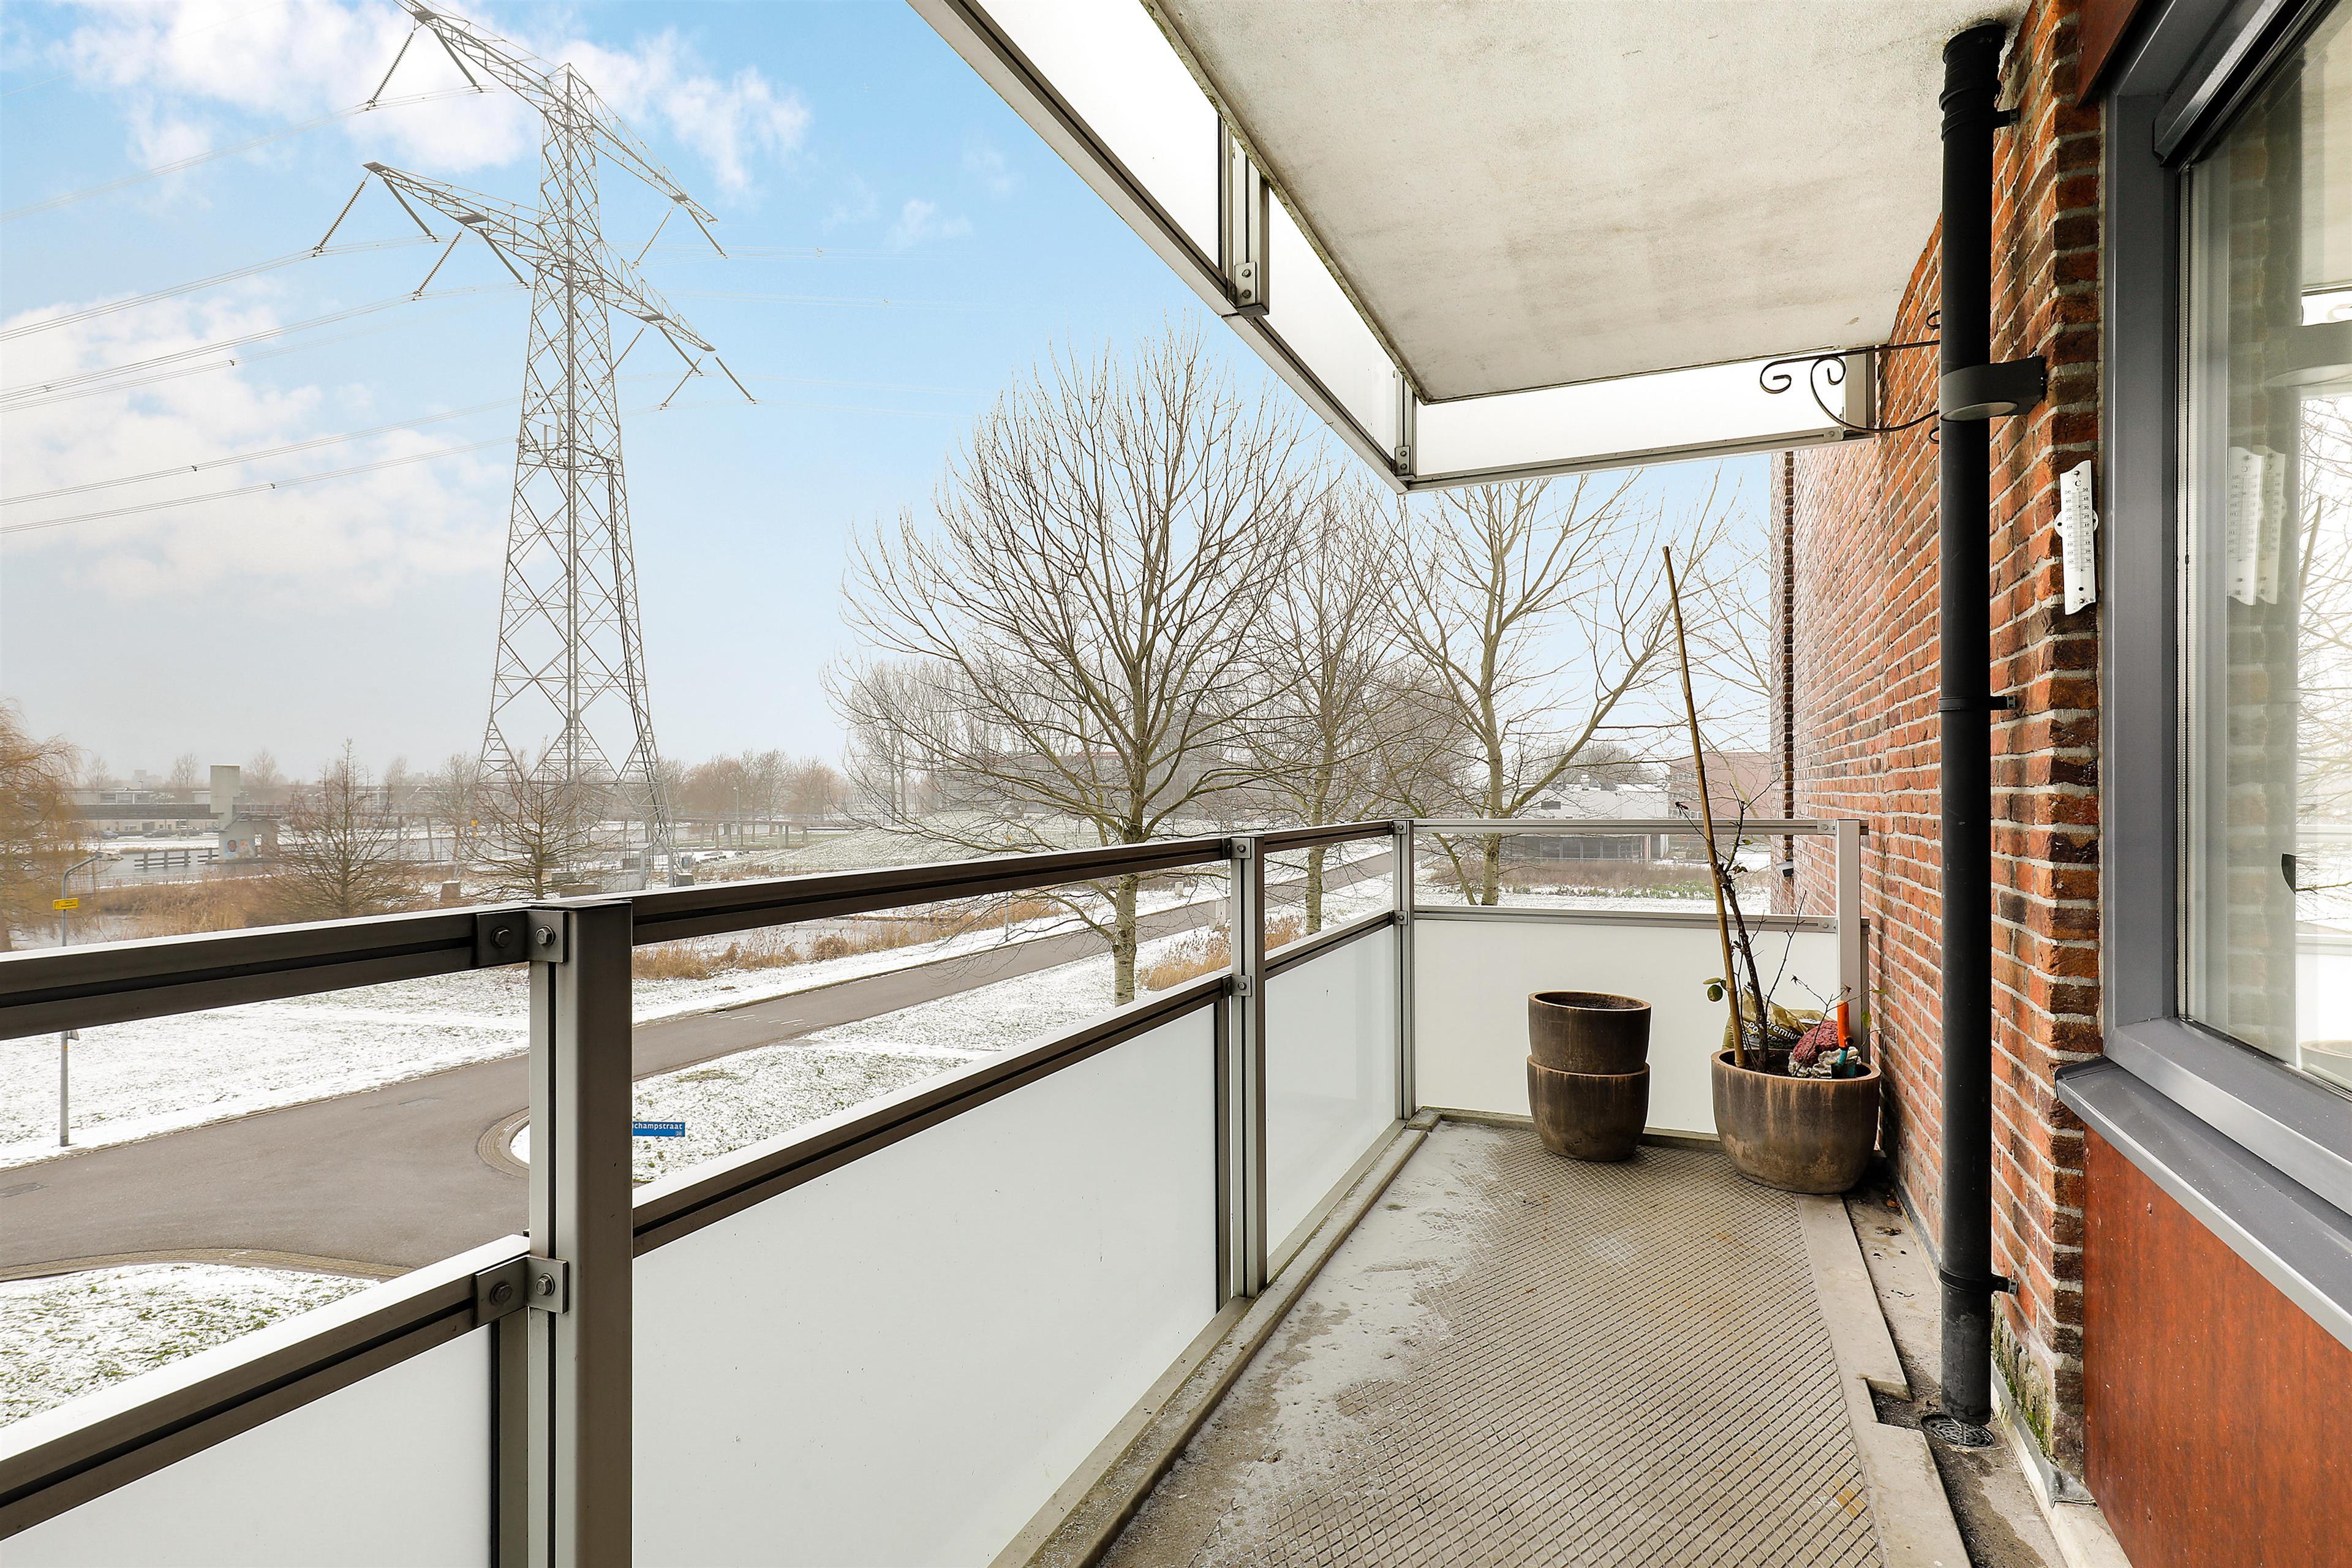 Bedwelming Te koop: Paul Kleestraat 18, Almere - Hoekstra en van Eck QP75